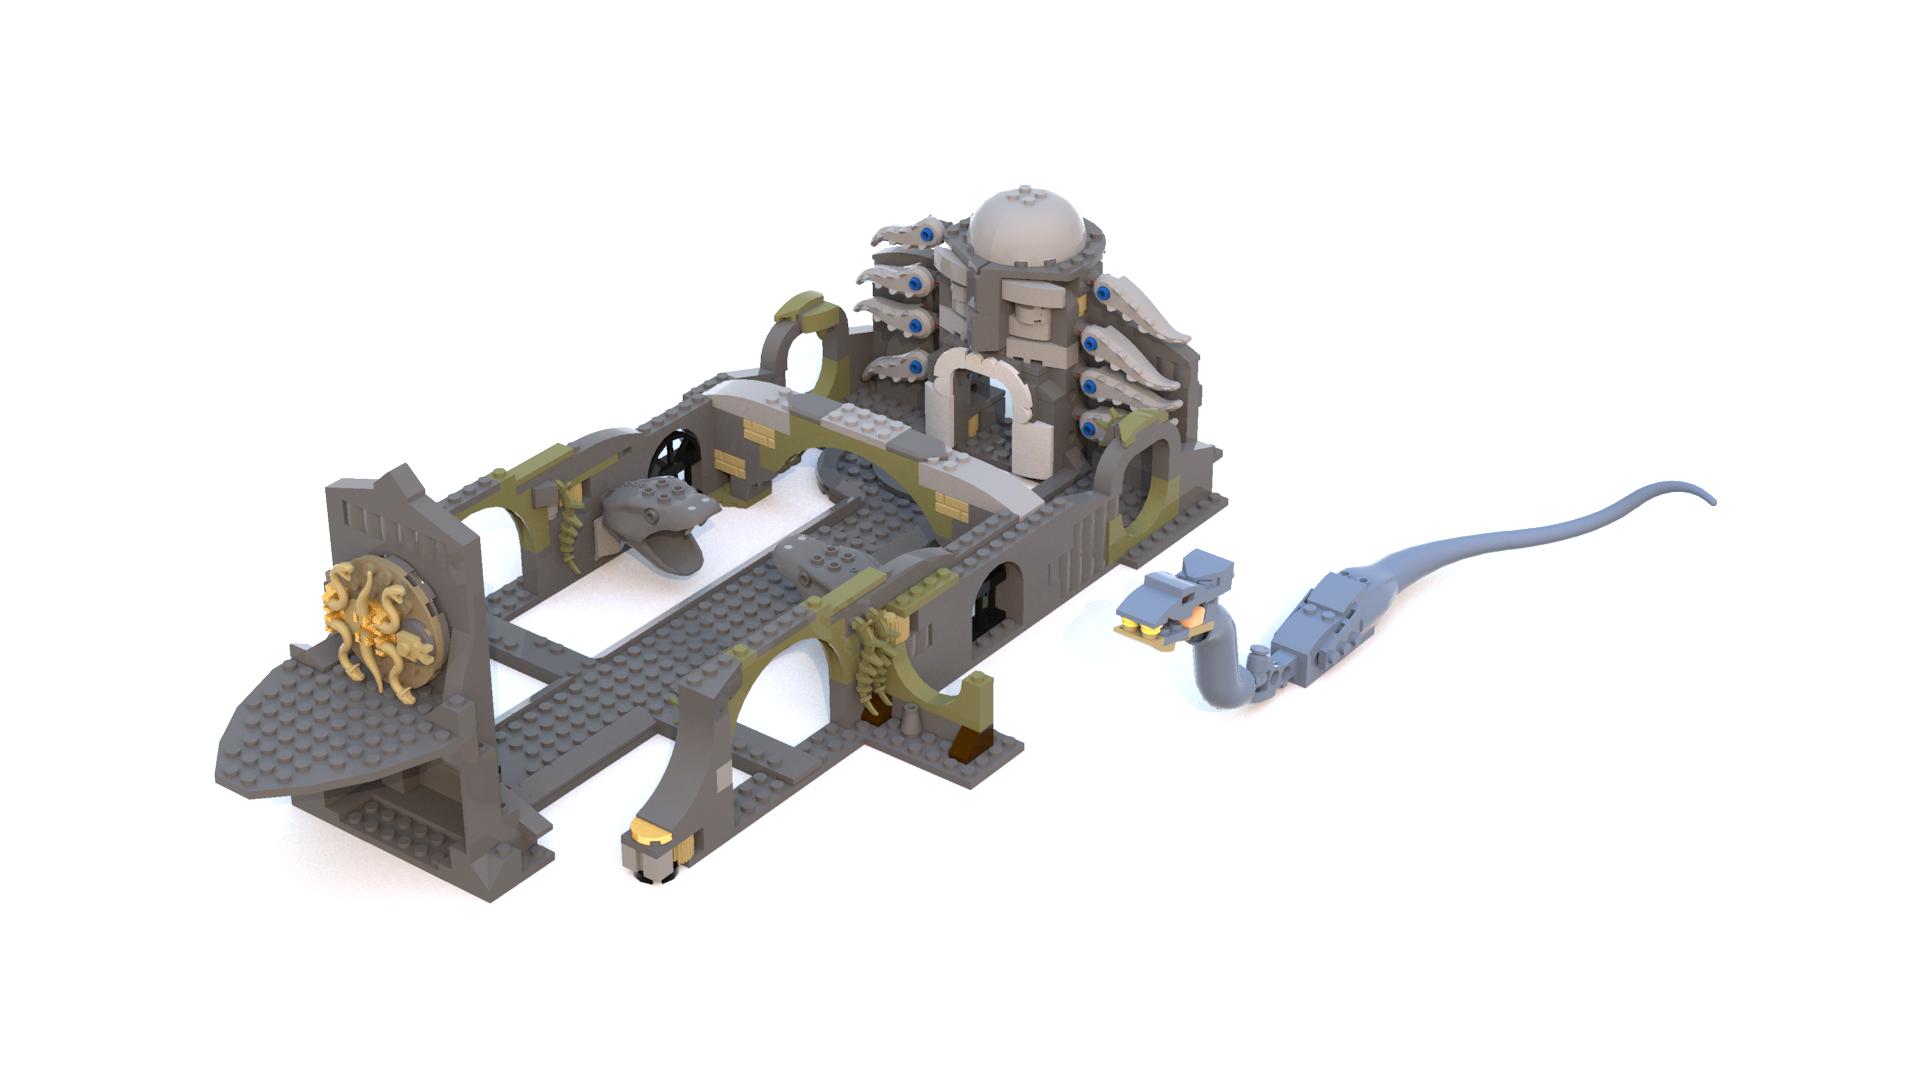 MOC LDD] Modern Chamber of Secrets - LEGO Licensed